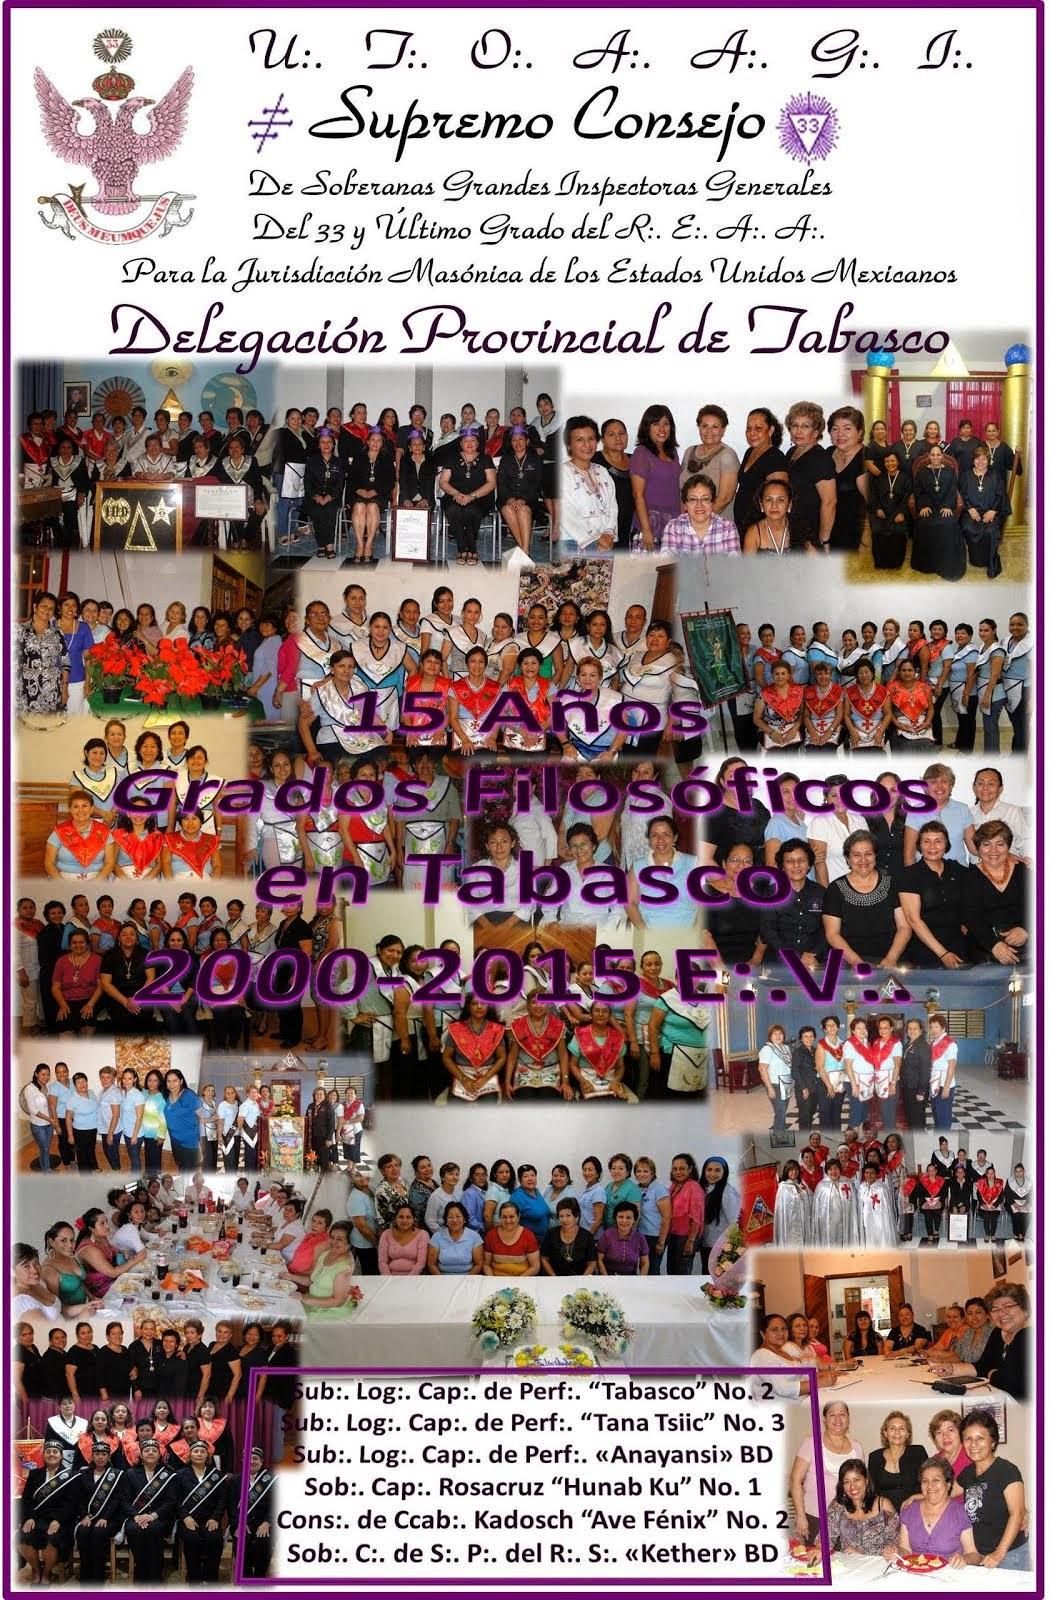 XV Aniversario de Grados Filosóficos en Tabasco 2000-2015 E:.V:.